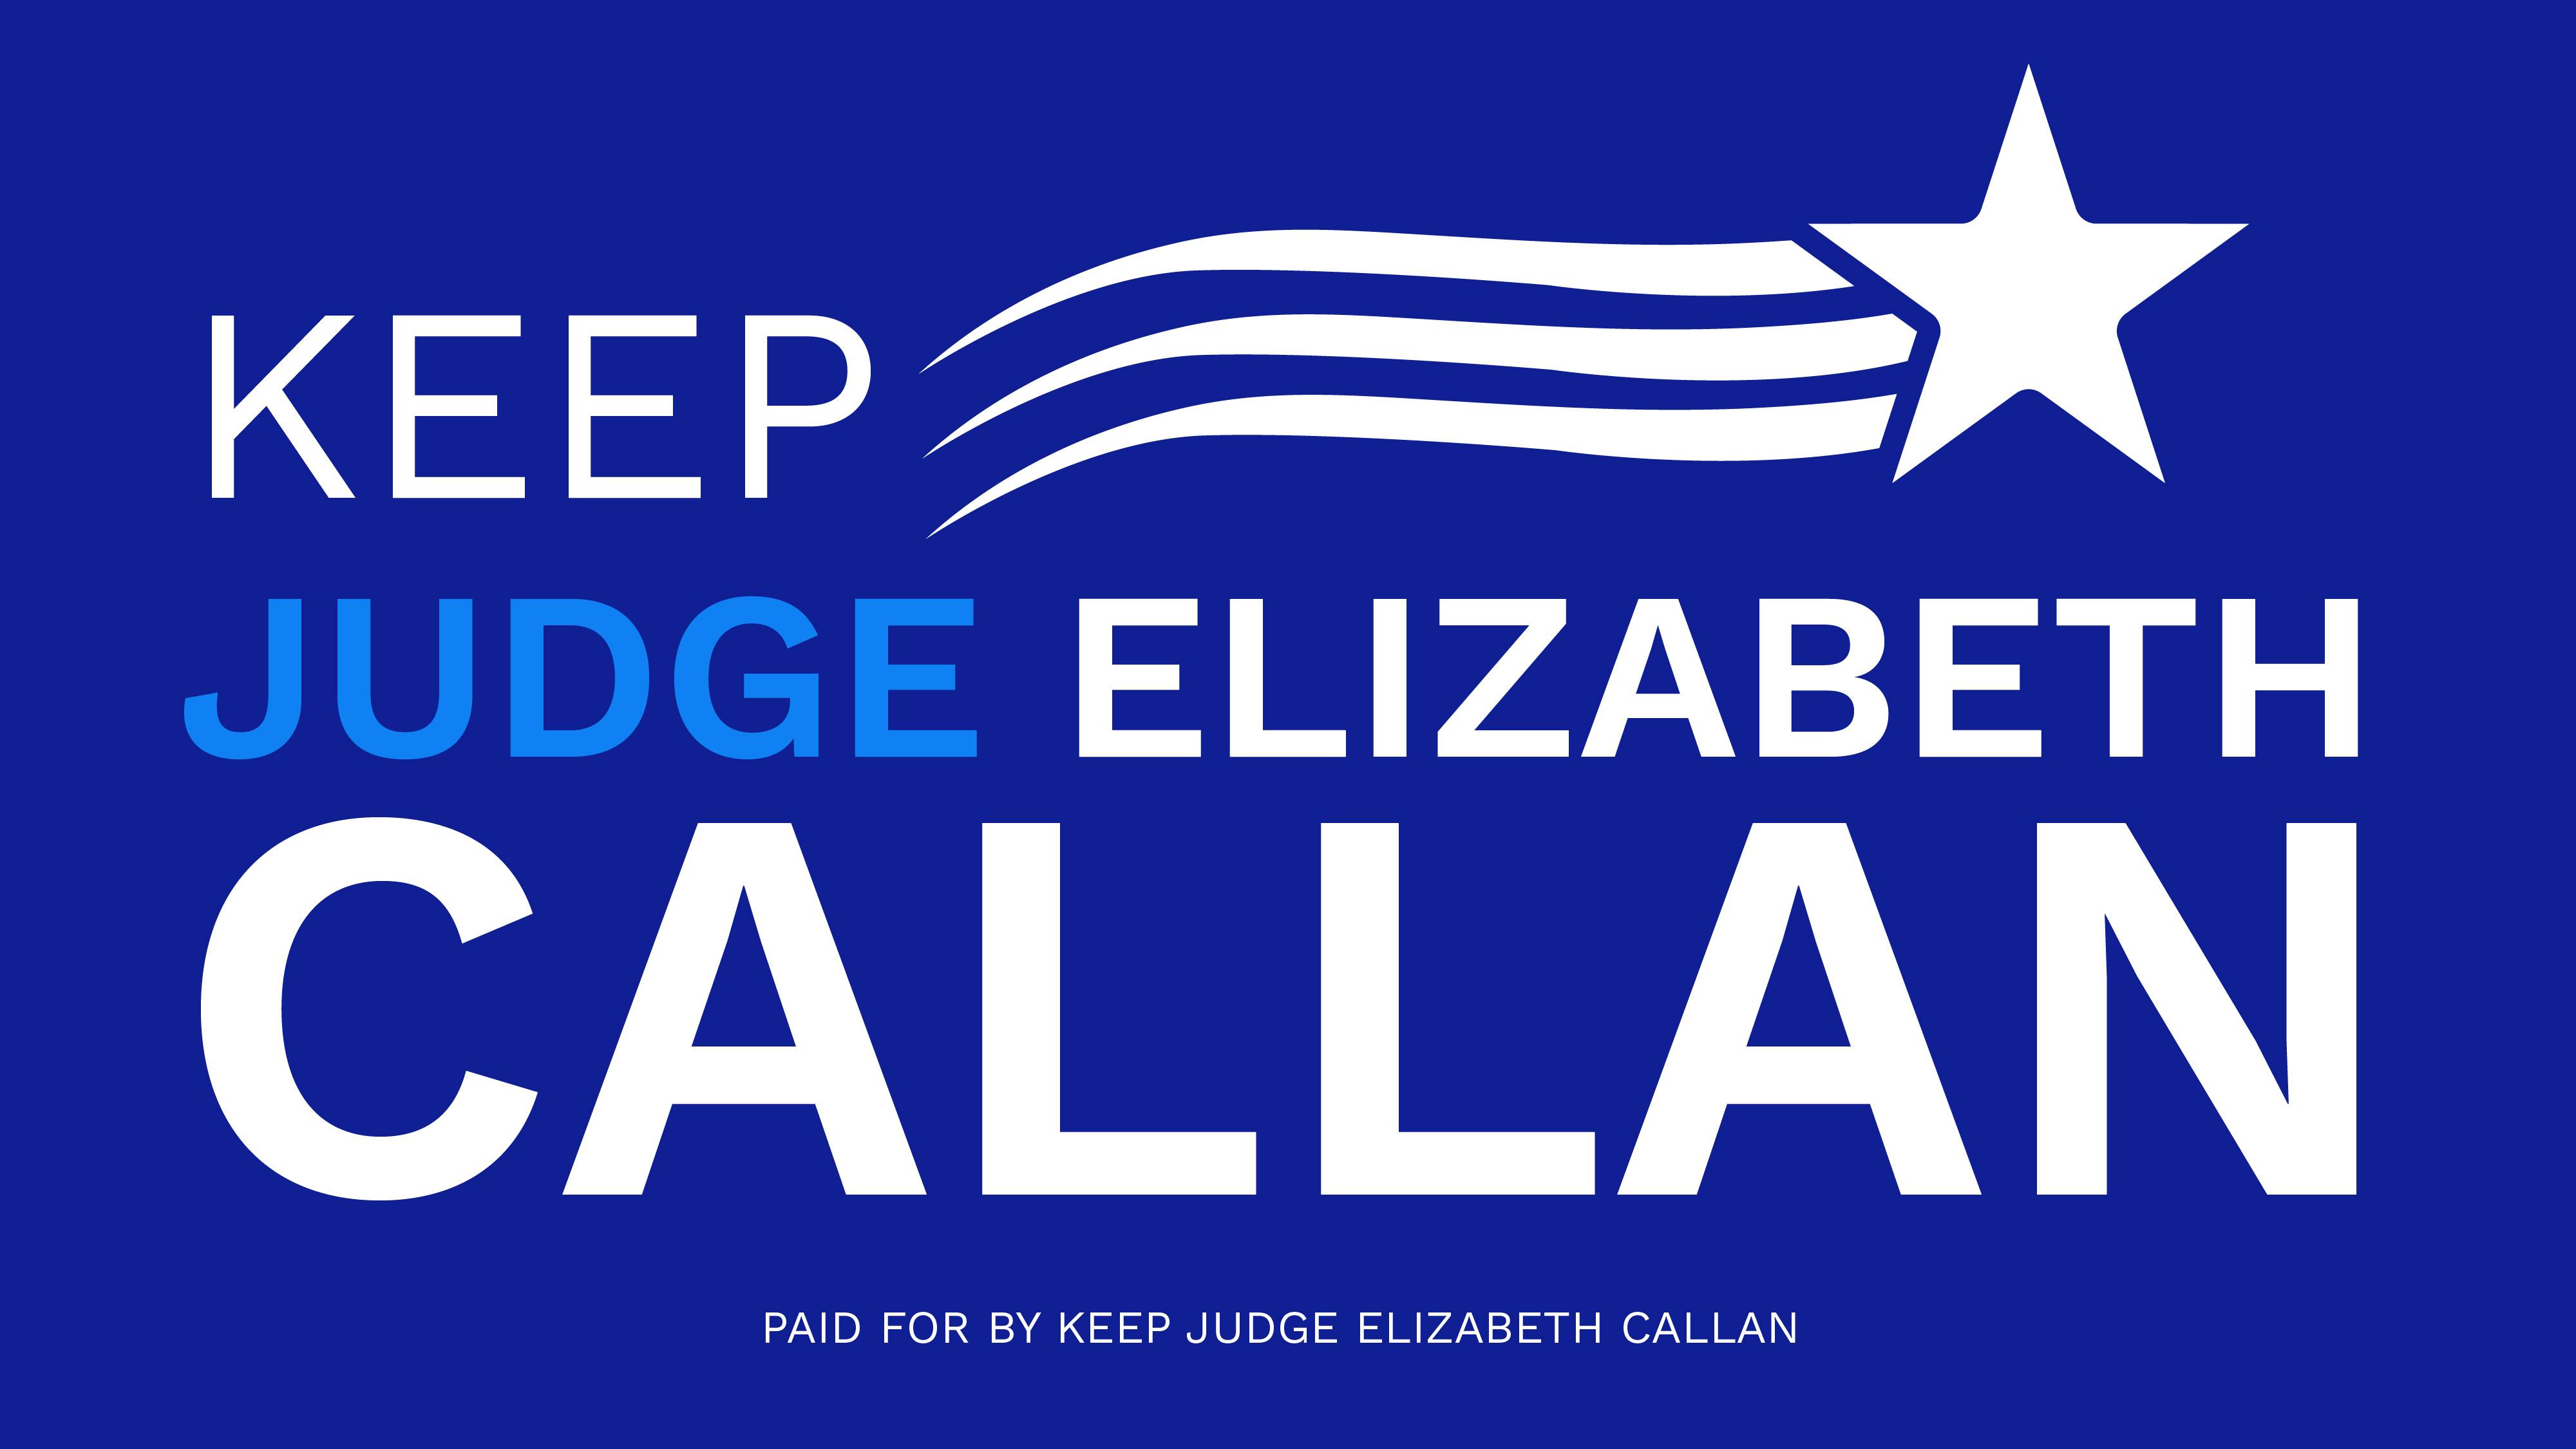 Judge Elizabeth Callan